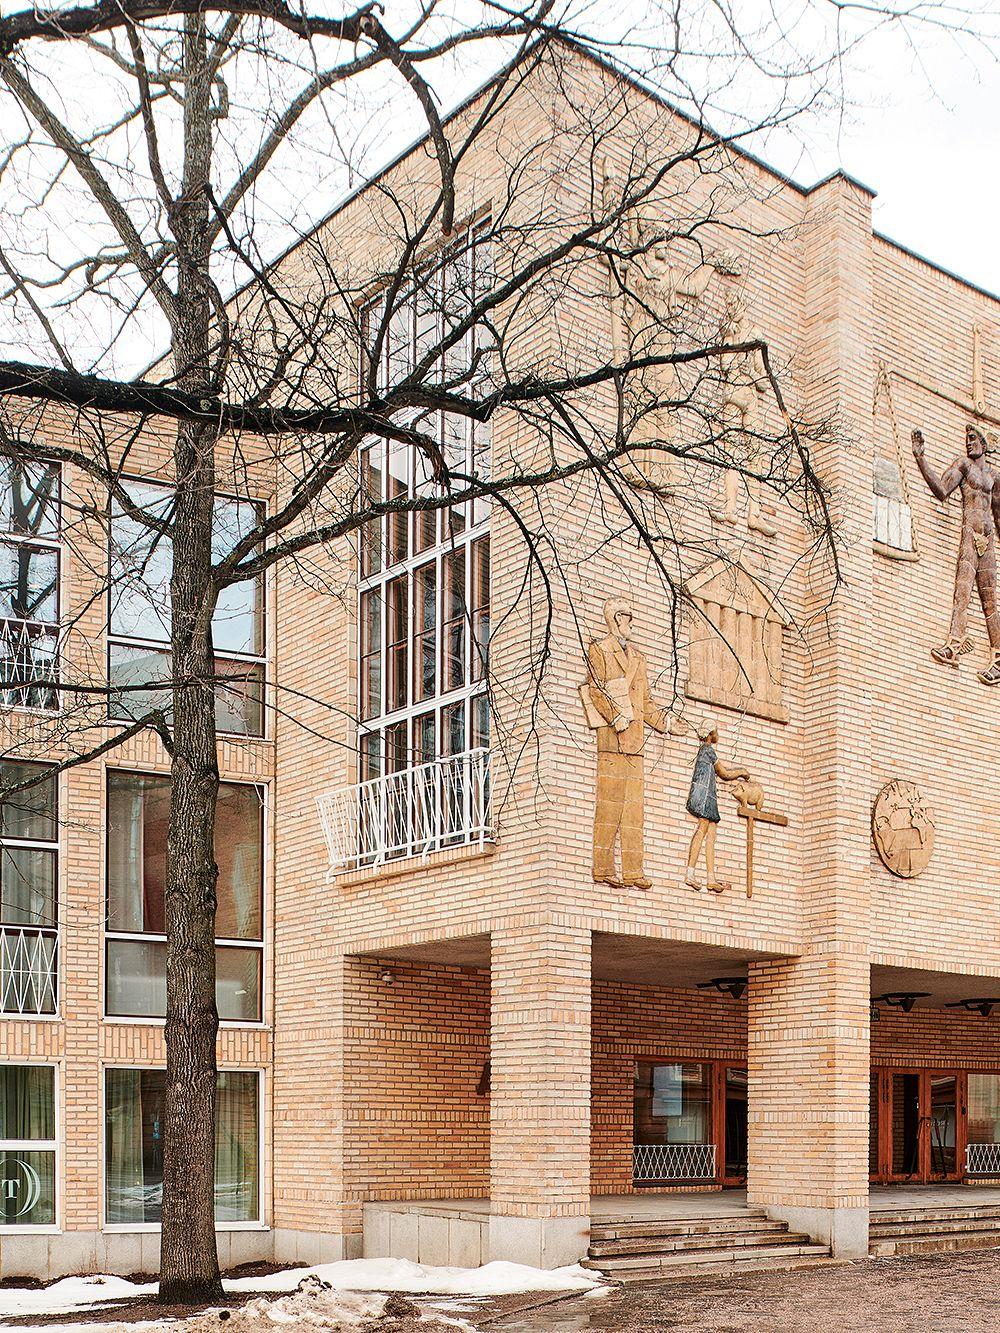 Kauppakorkeakoulun julkisivu ja Michael Schilkinin Kauppiaita-reliefi